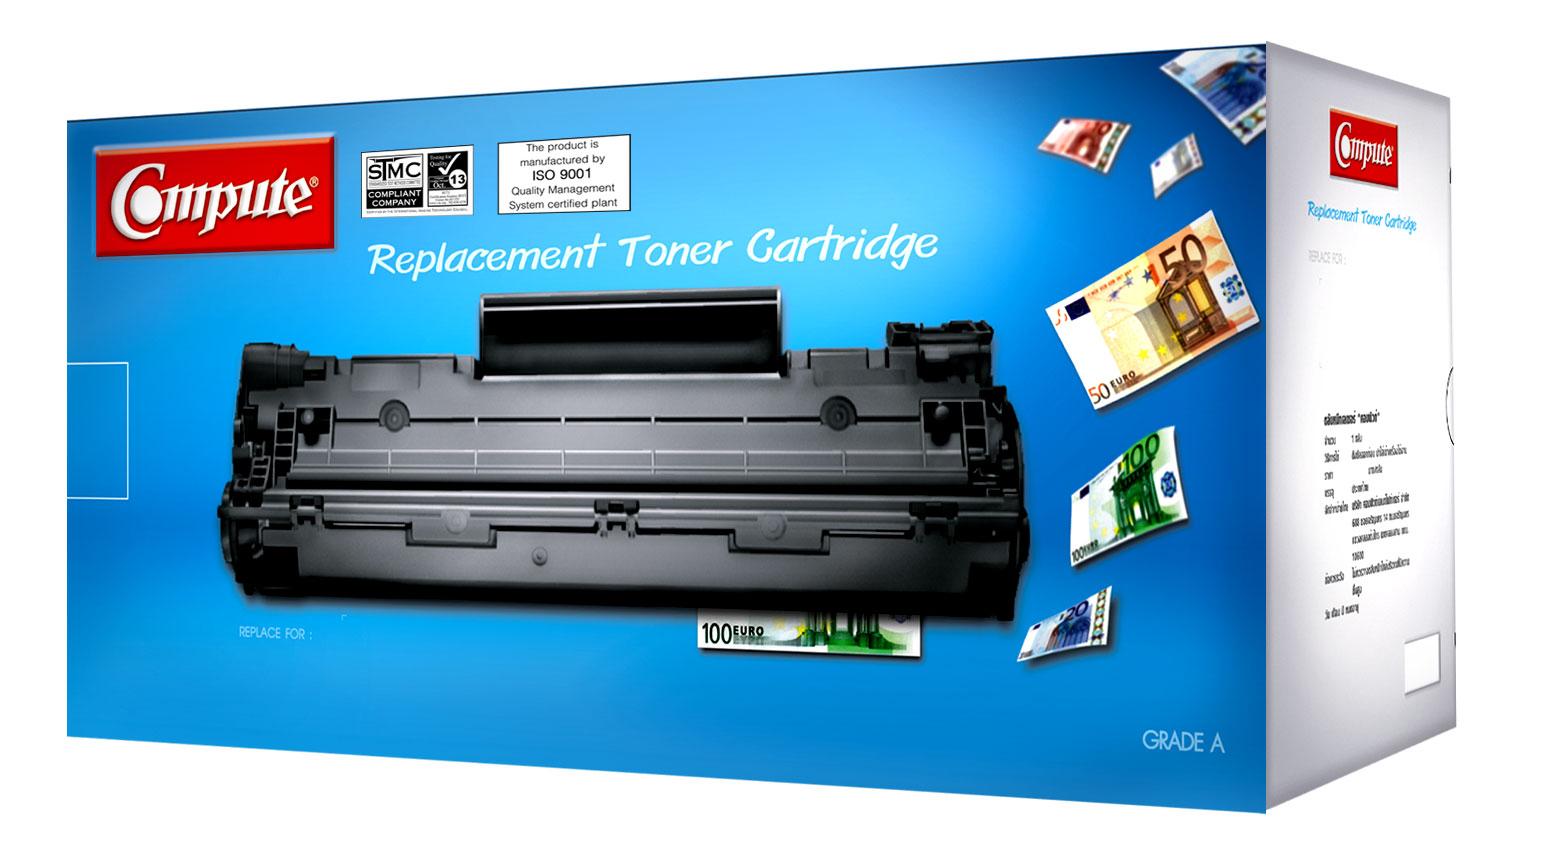 ตลับหมึกเลเซอร์ Samsung MLT-D109S Compute (Toner Cartridge)